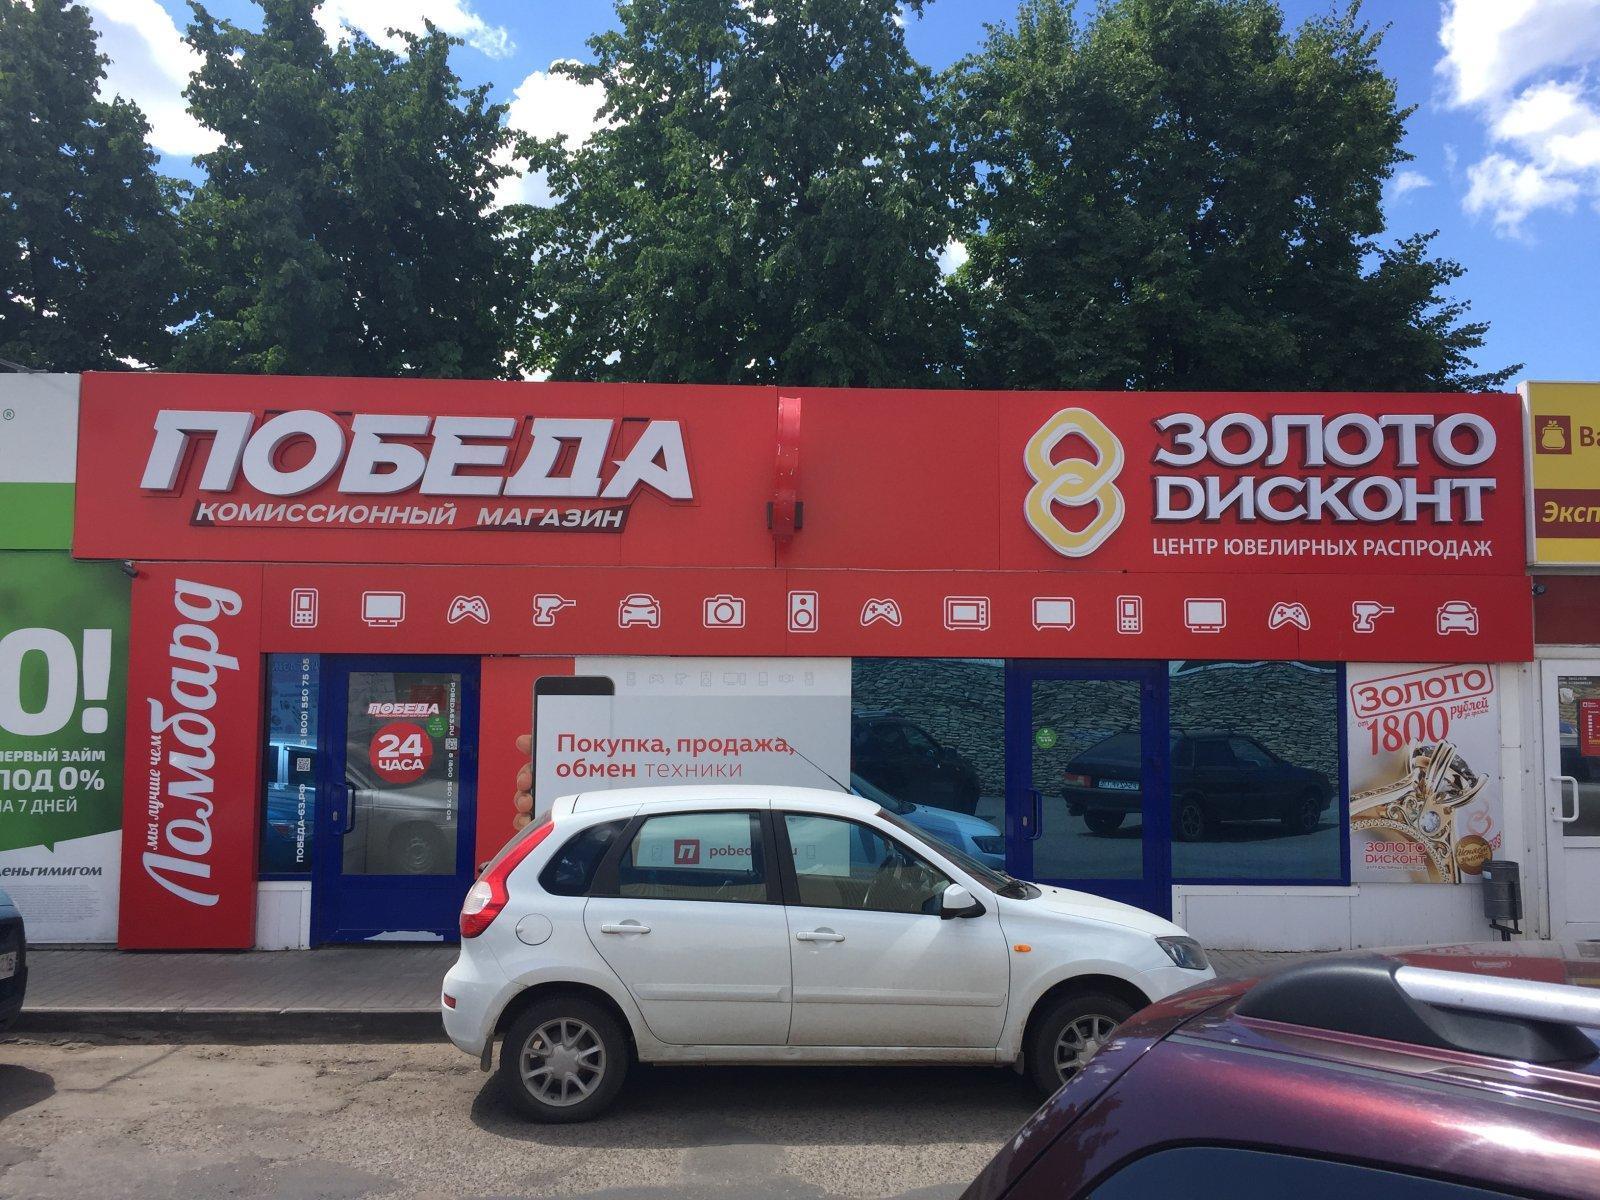 Комиссионный Магазин Победа Челны Каталог